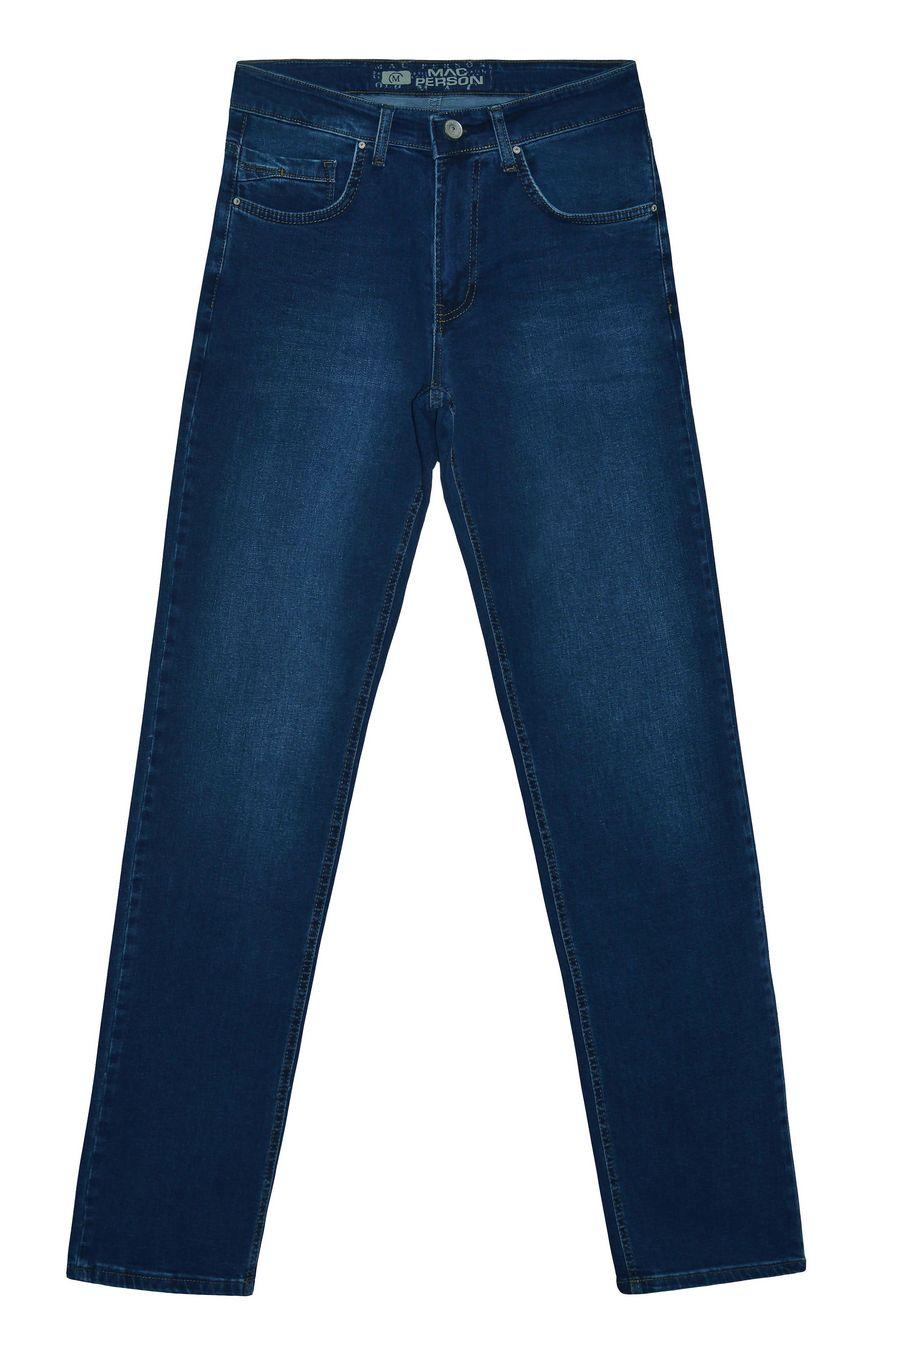 Джинсы мужские MAC Person 2922-12059 Blue Blue L36 - фото 1